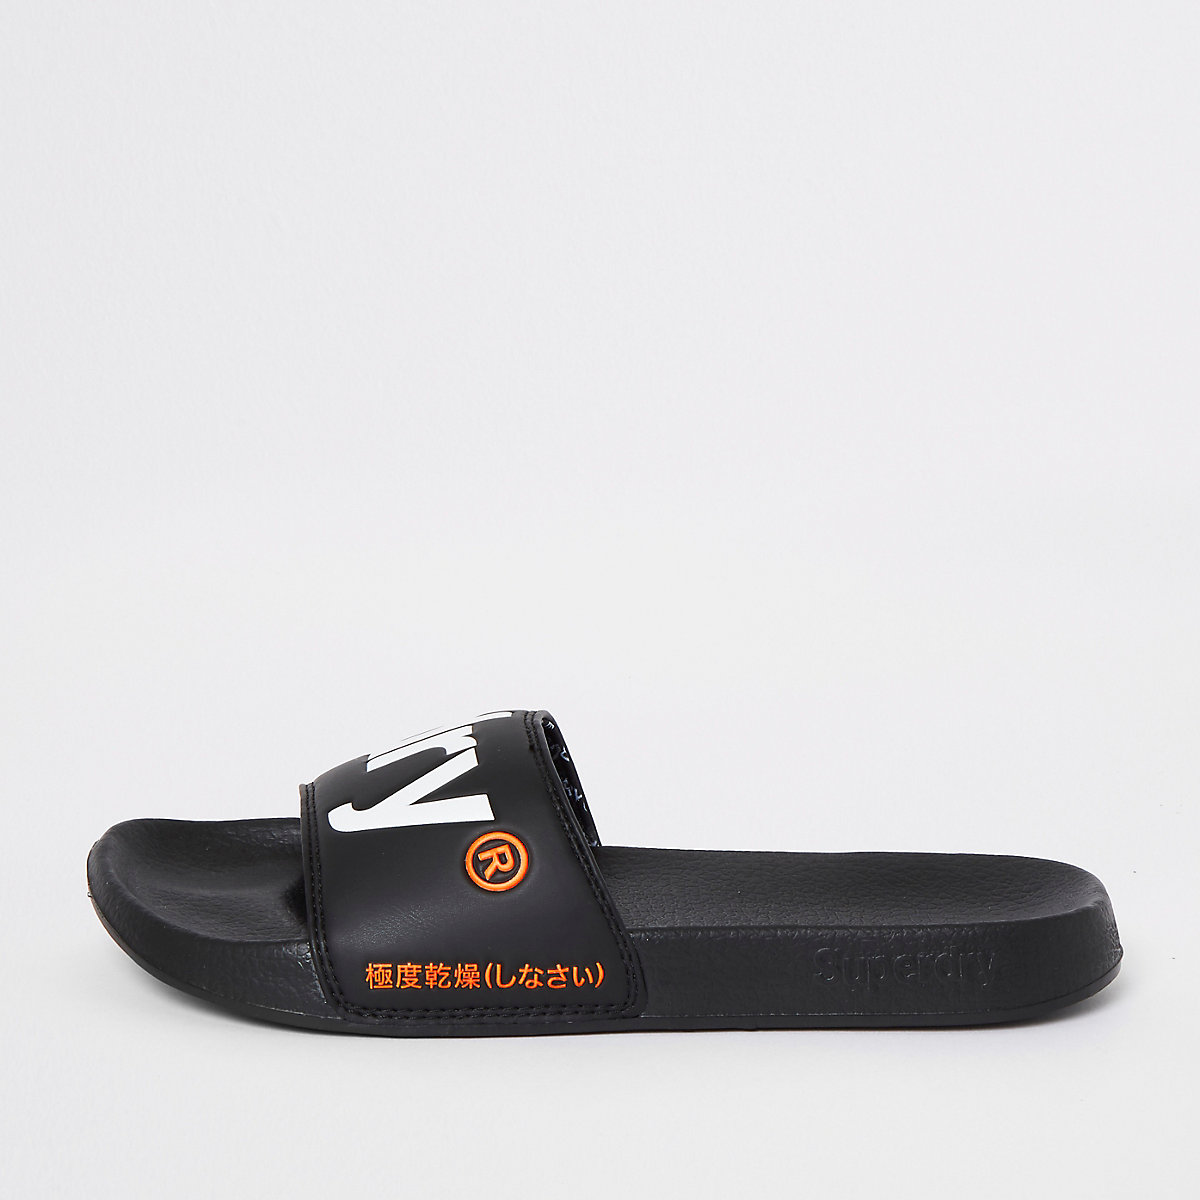 Superdry black sliders